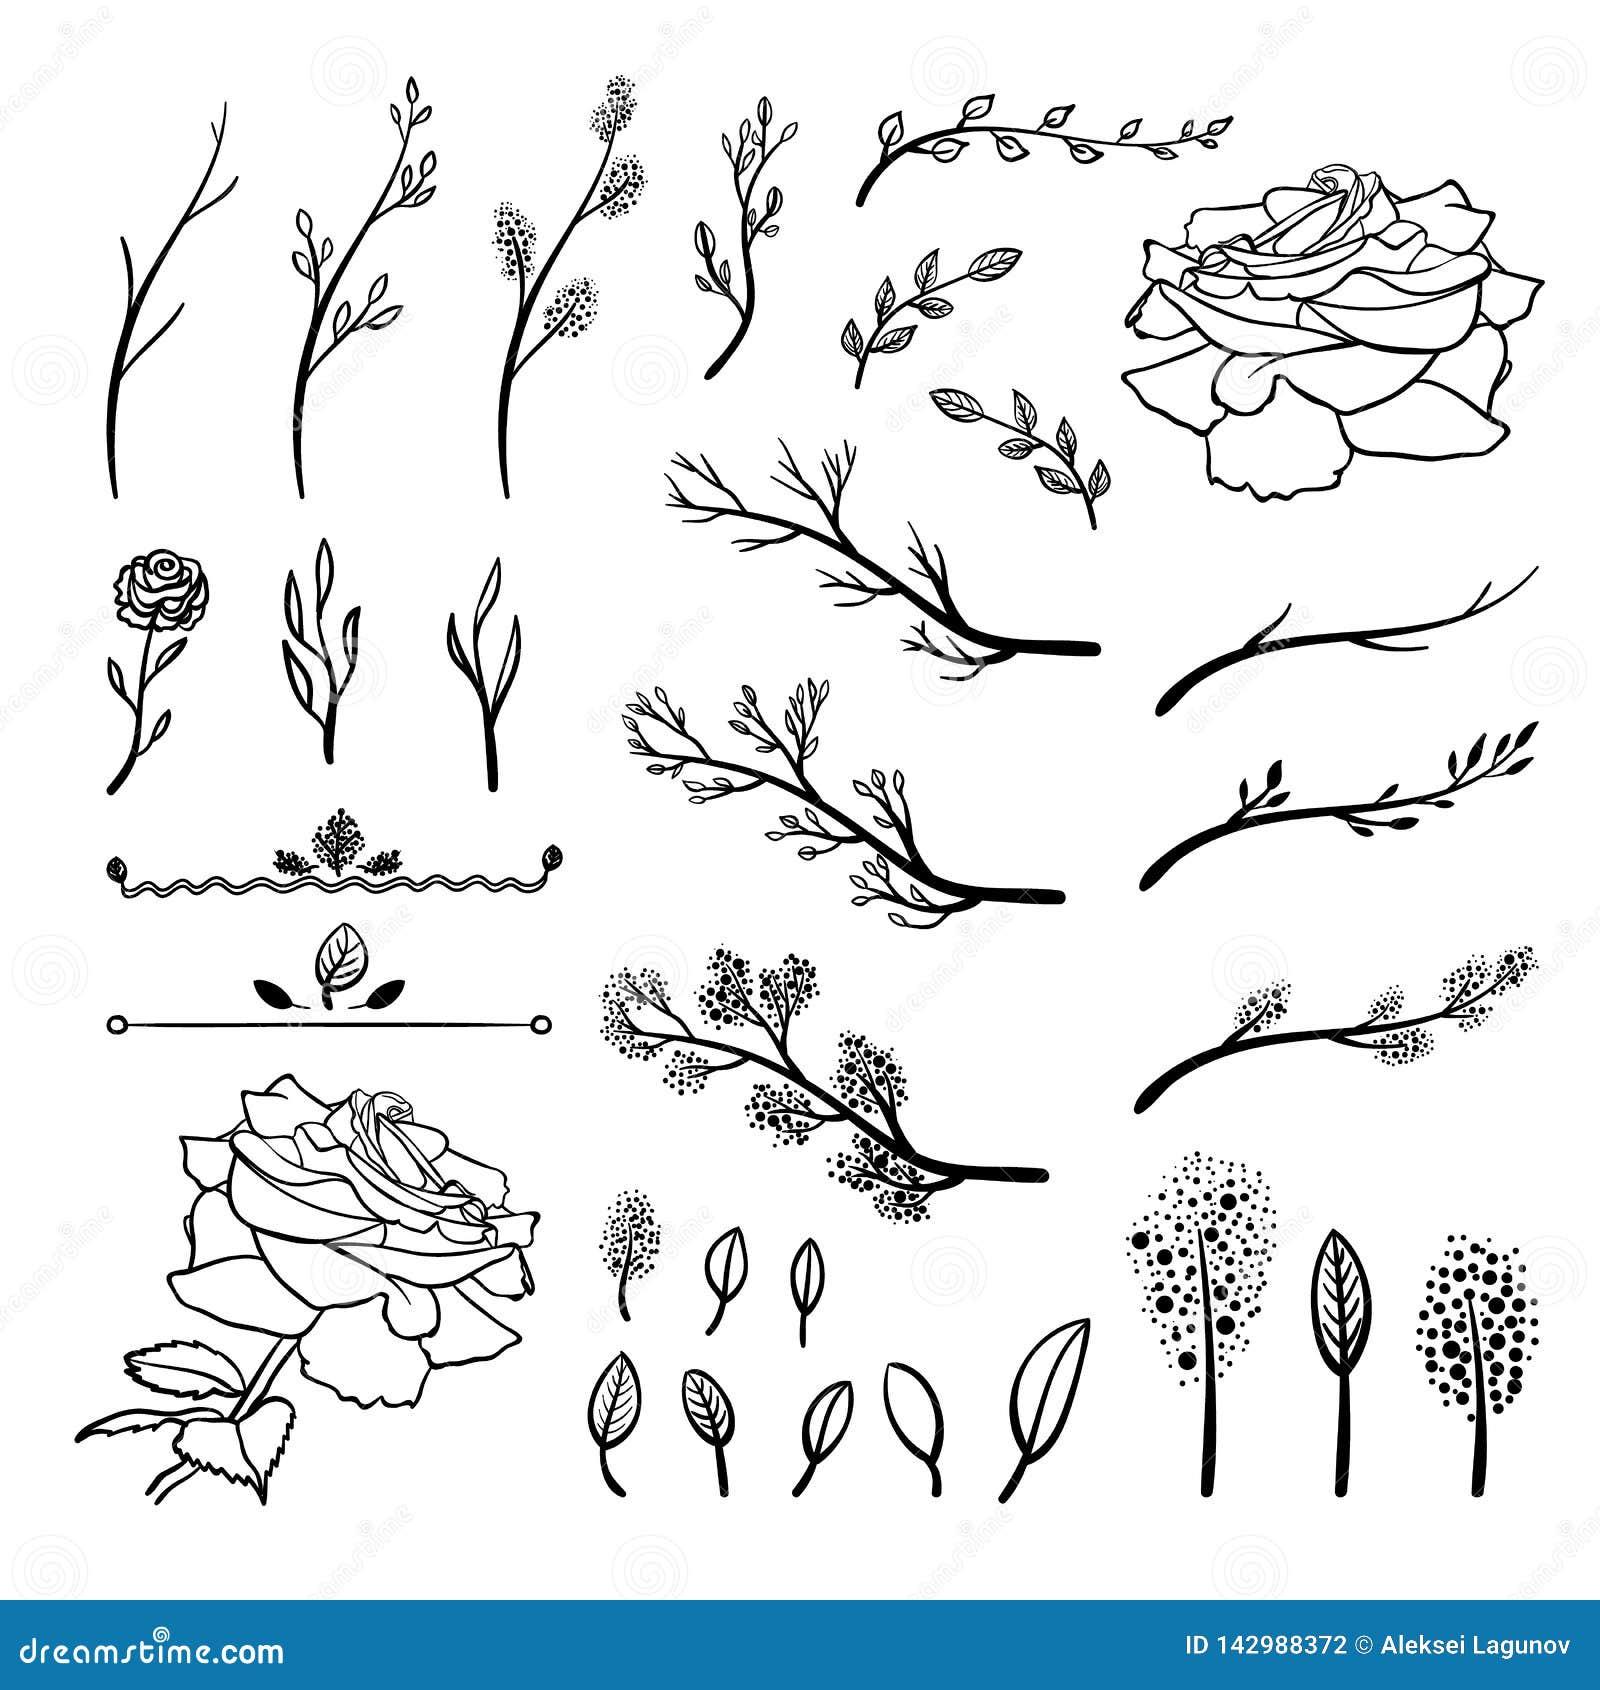 Sistema del vector de los elementos exhaustos de la mano, ramitas de la primavera, brotes, hojas, flores, dibujos negros, aislado